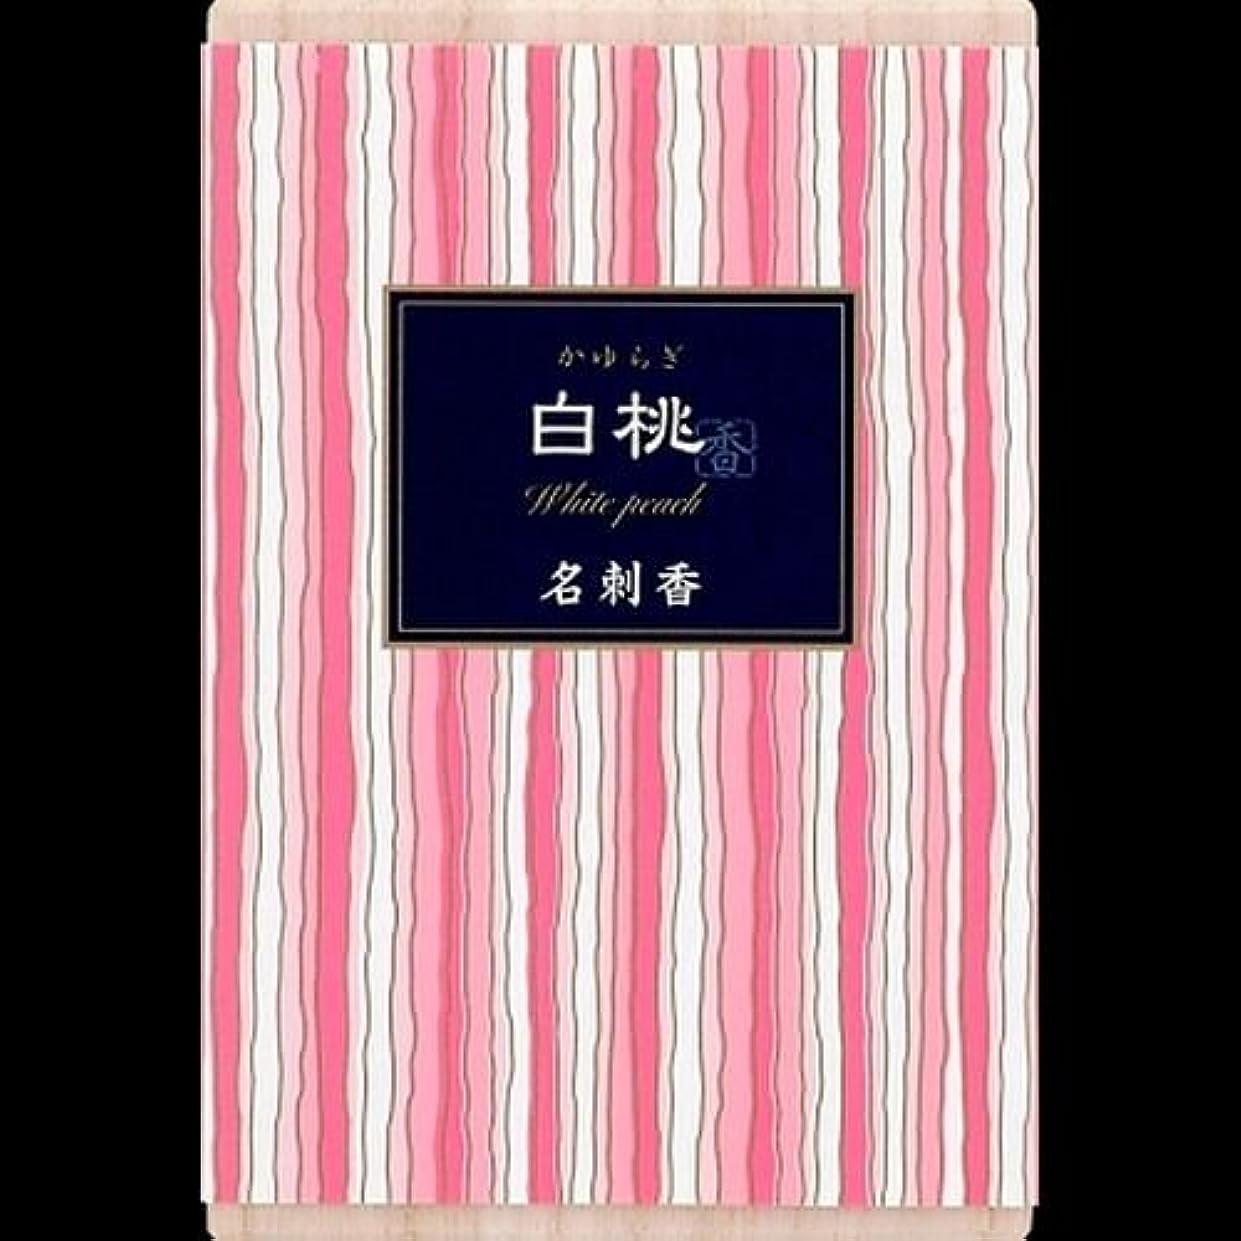 抑止するカカドゥキャリッジ【まとめ買い】かゆらぎ 白桃 名刺香 桐箱 6入 ×2セット